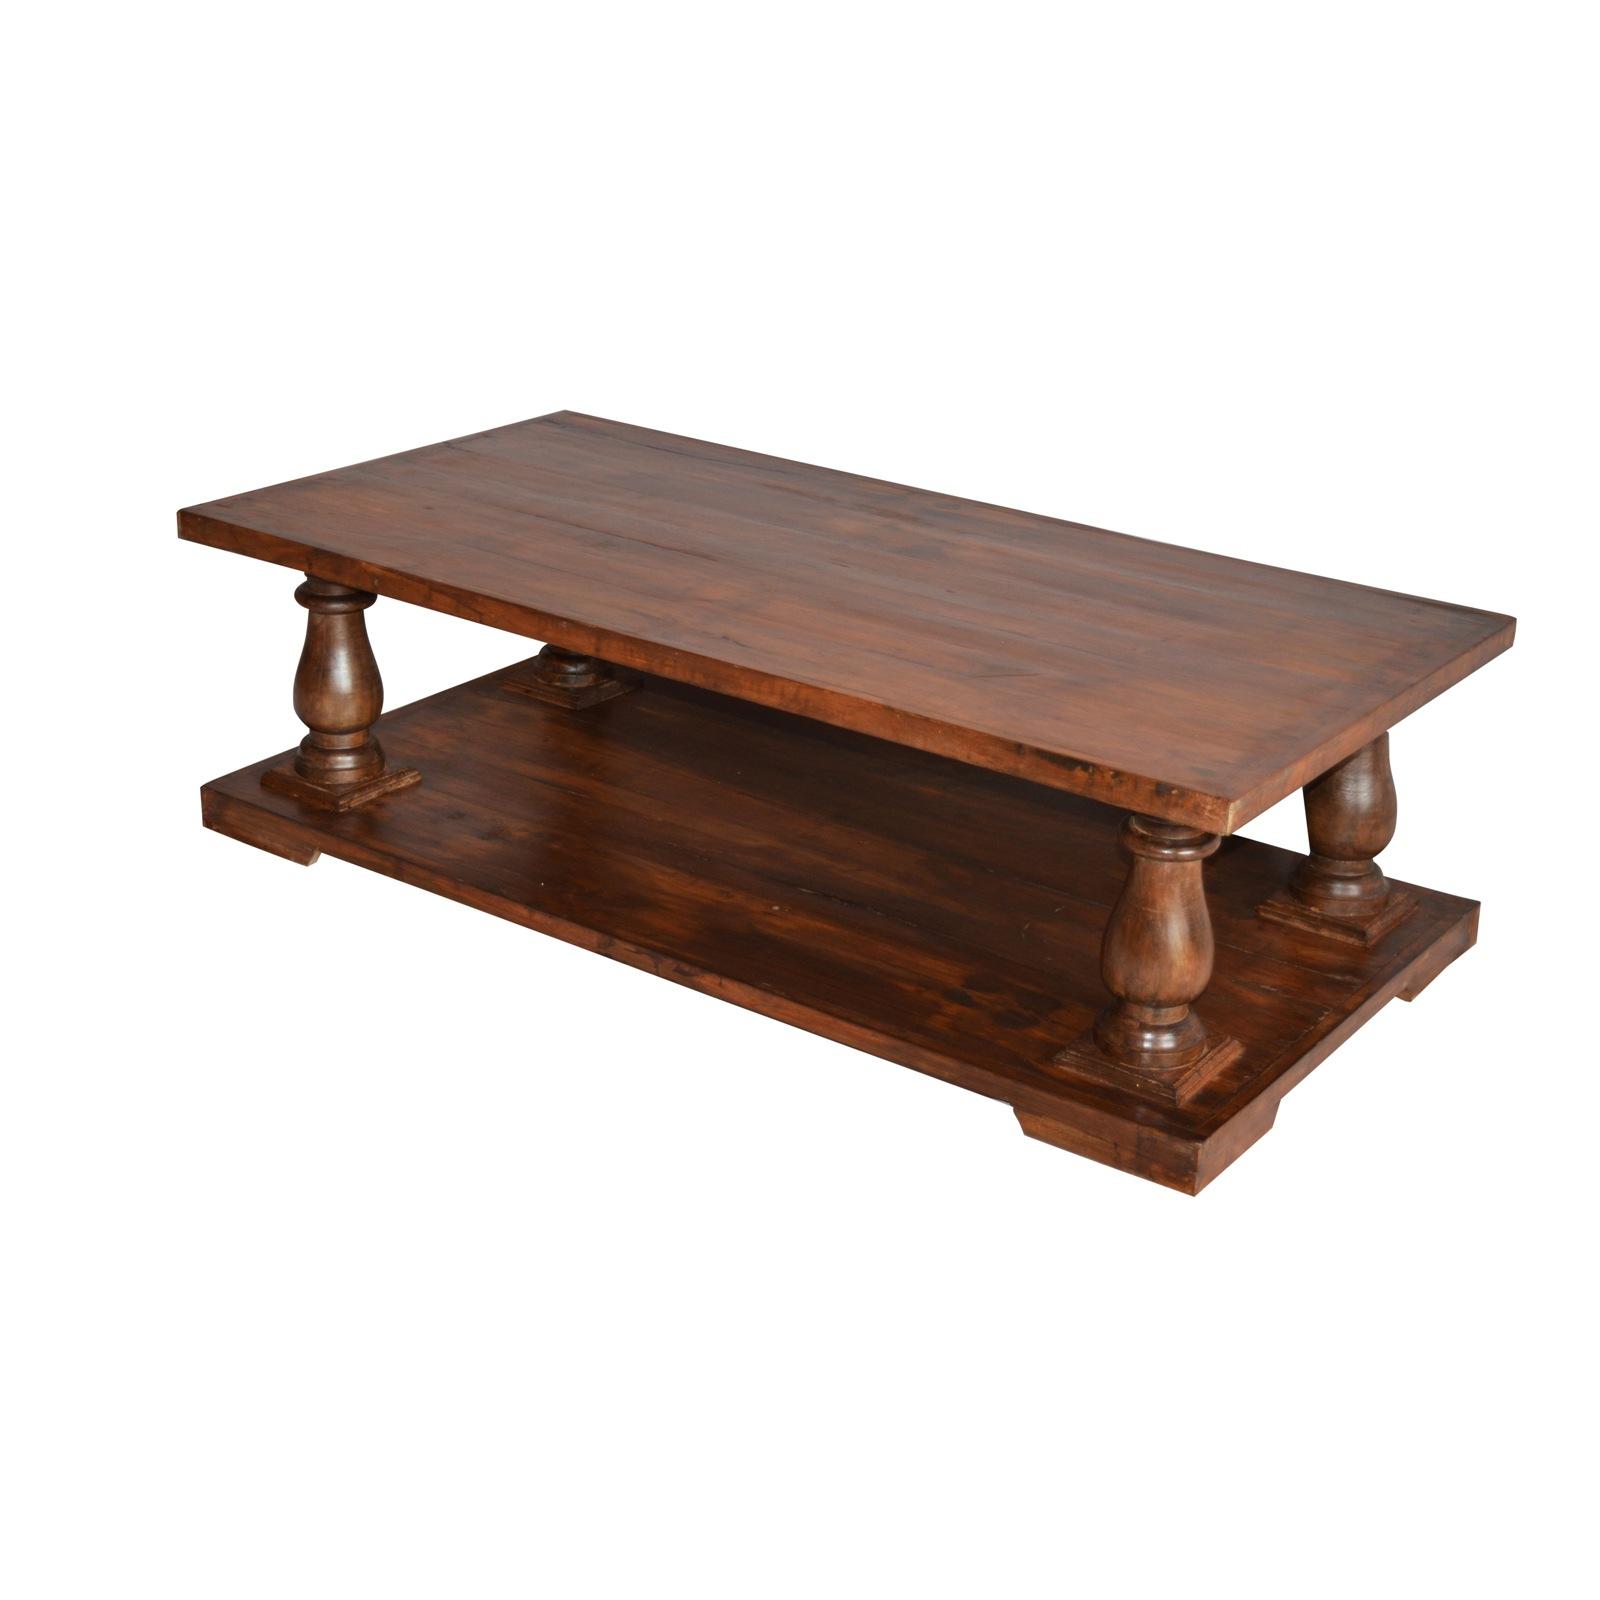 Teak Wood Coffee Table: WOODEN COFFEE TABLE OLD TEAK WOOD TOP